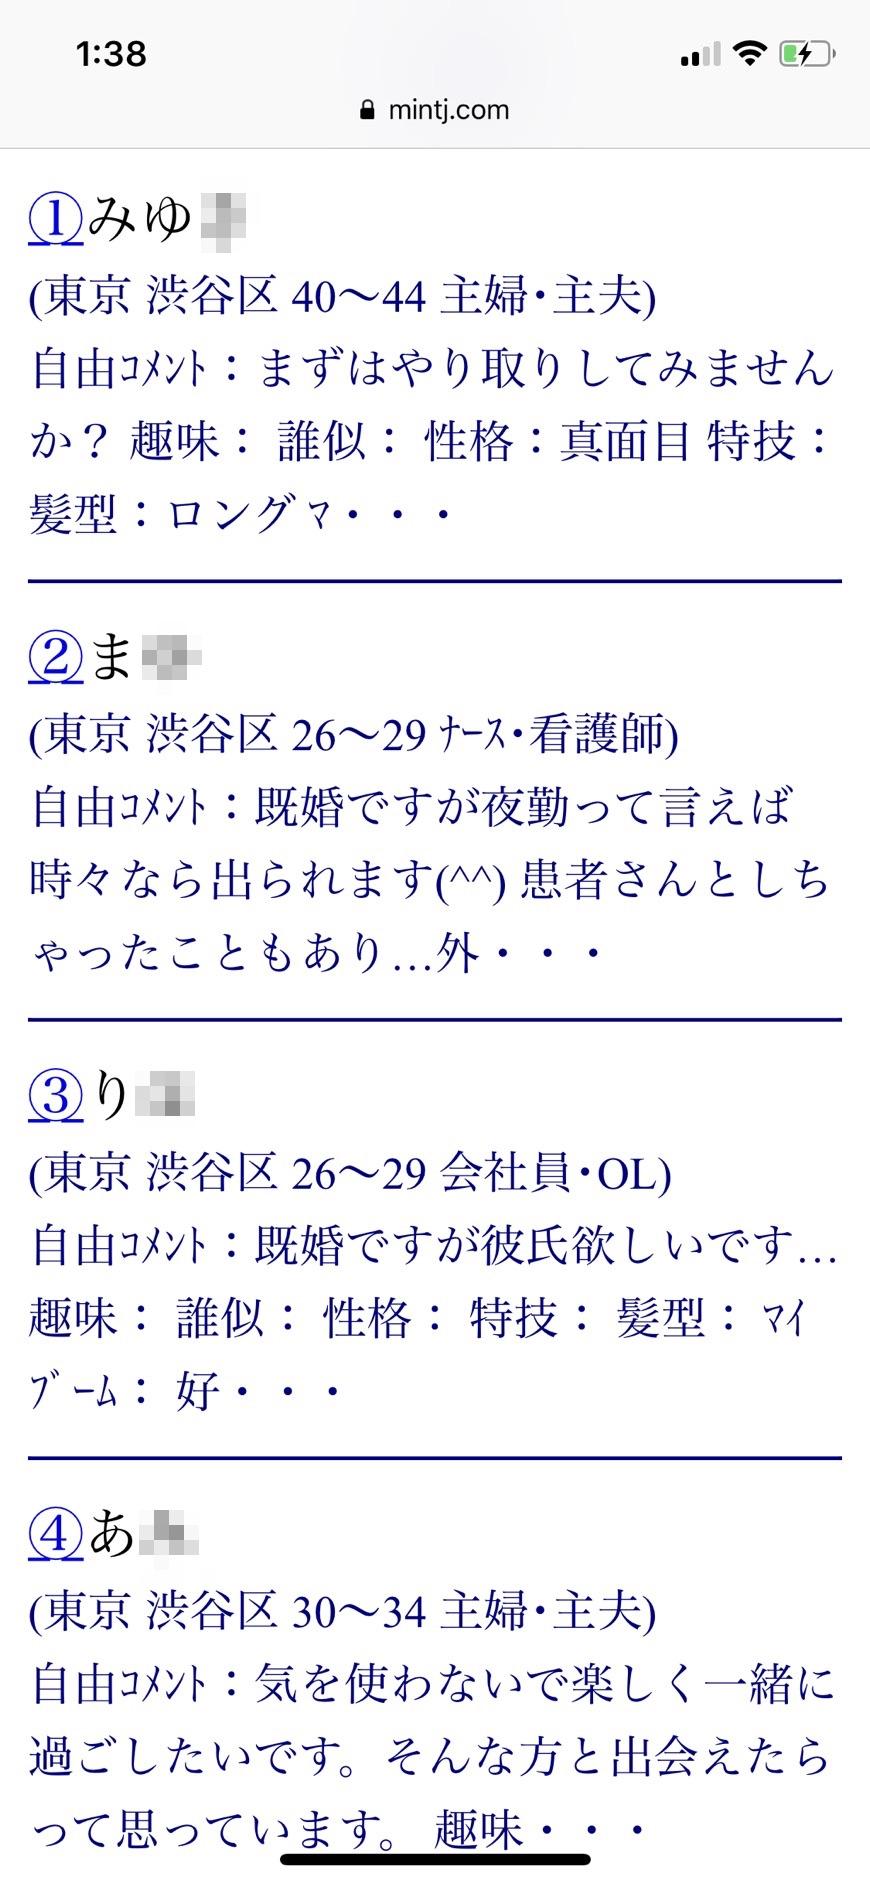 渋谷・割り切り出会い掲示板(Jメール)